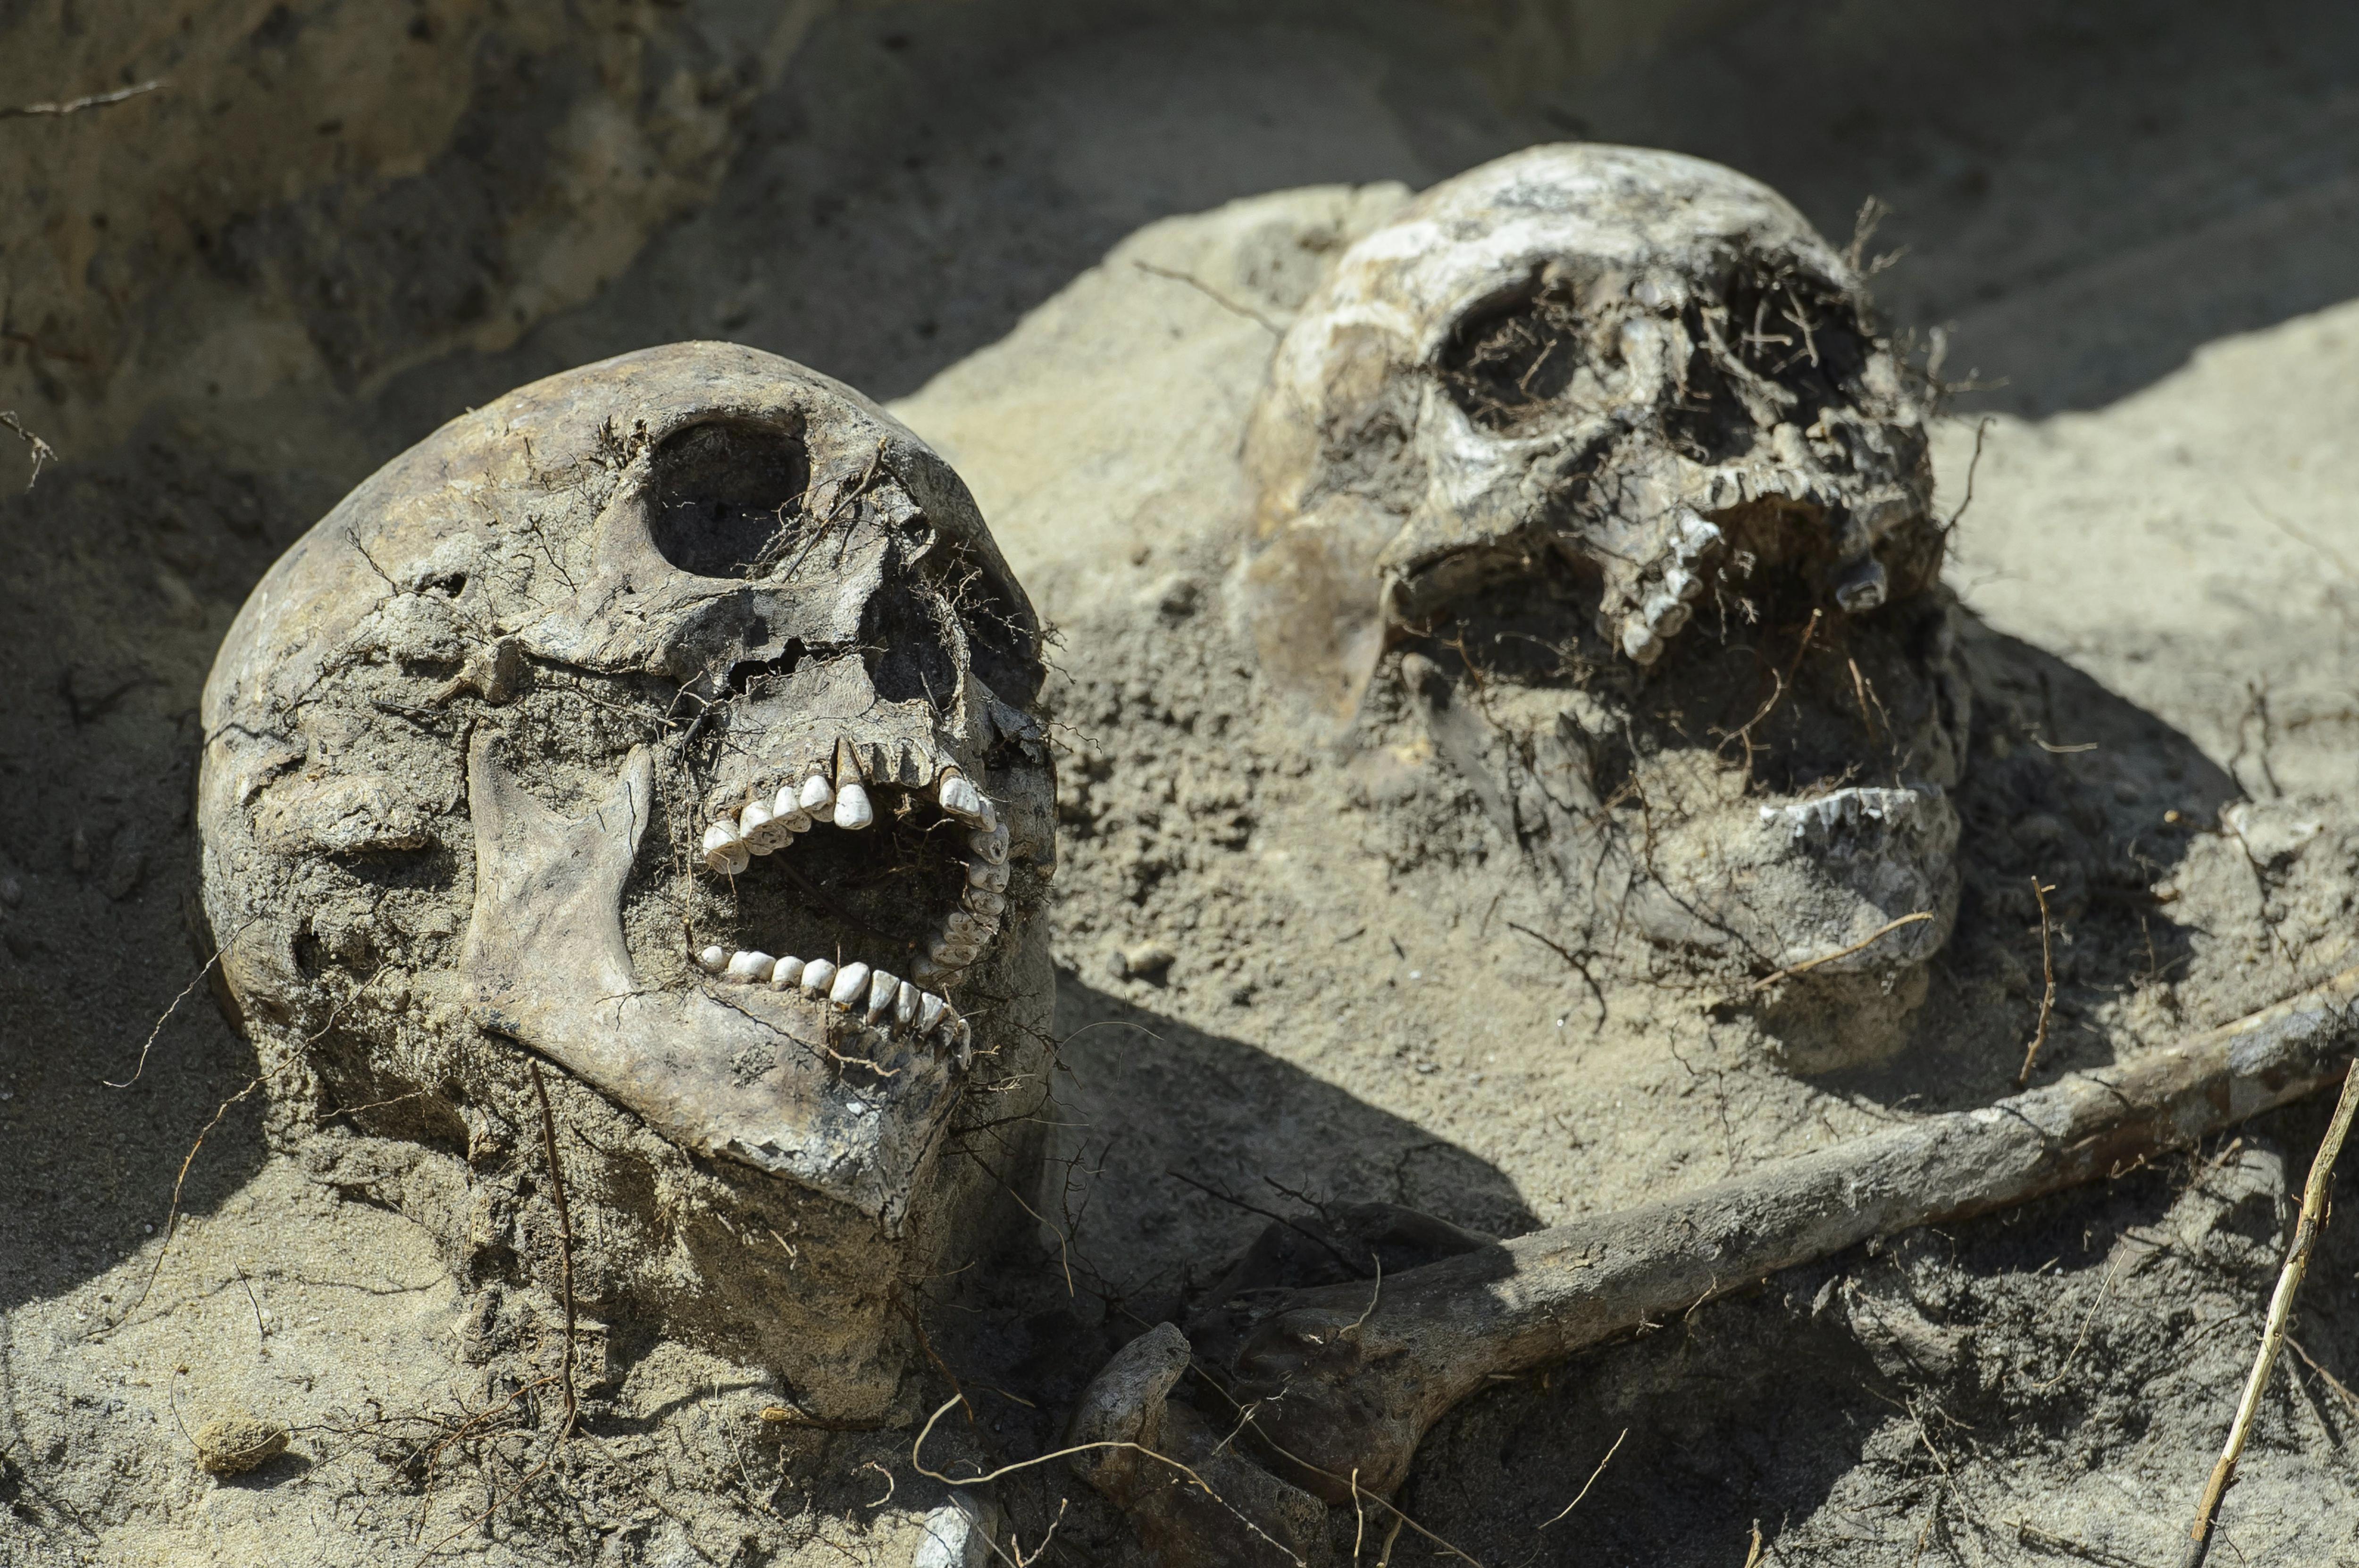 Restes humanes en una excavació on s'ha descobert el que creuen que pot ser una fossa comuna d'uns 80 combatents de la batalla de Zyrzyn (1863), a Zerdz, a l'est de Polònia. /WOJCIECH PACEWICZ